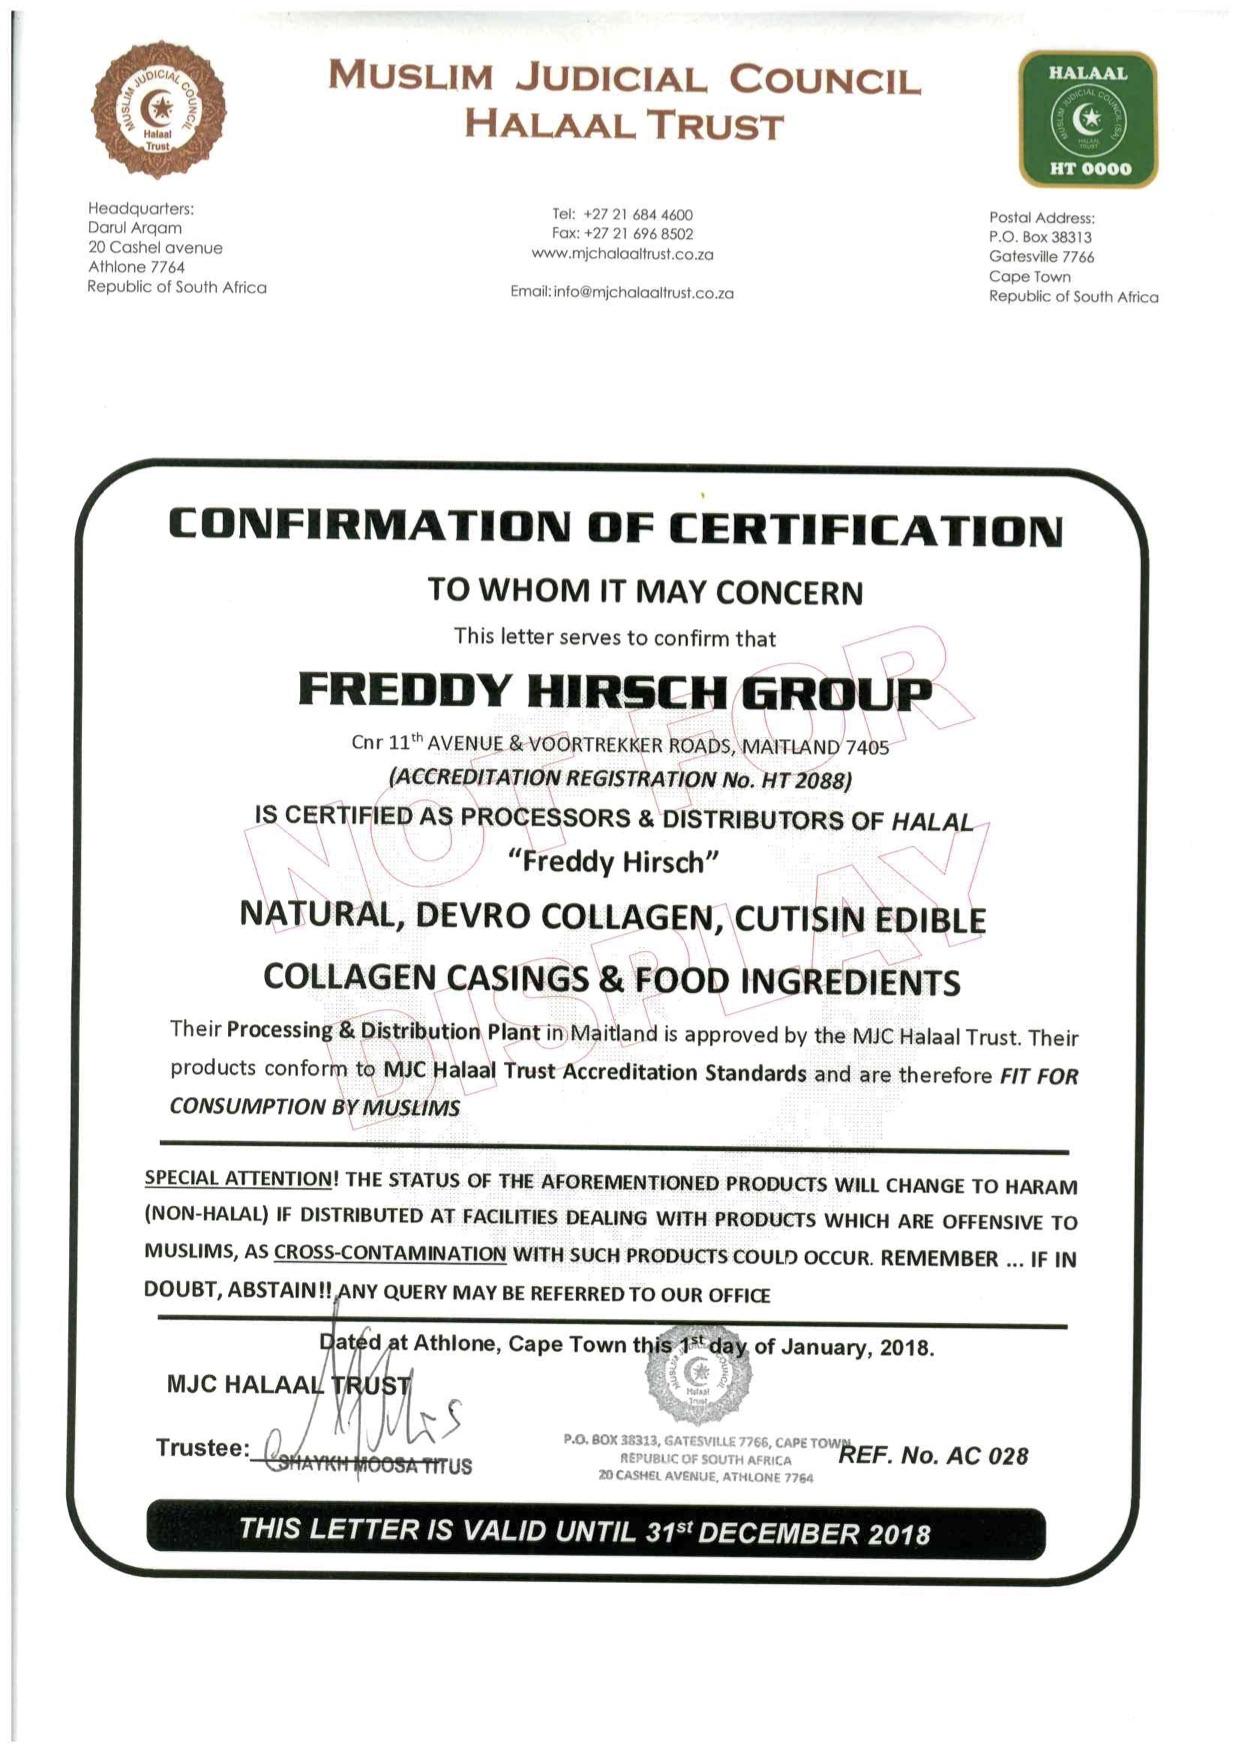 Freddy Hirsch